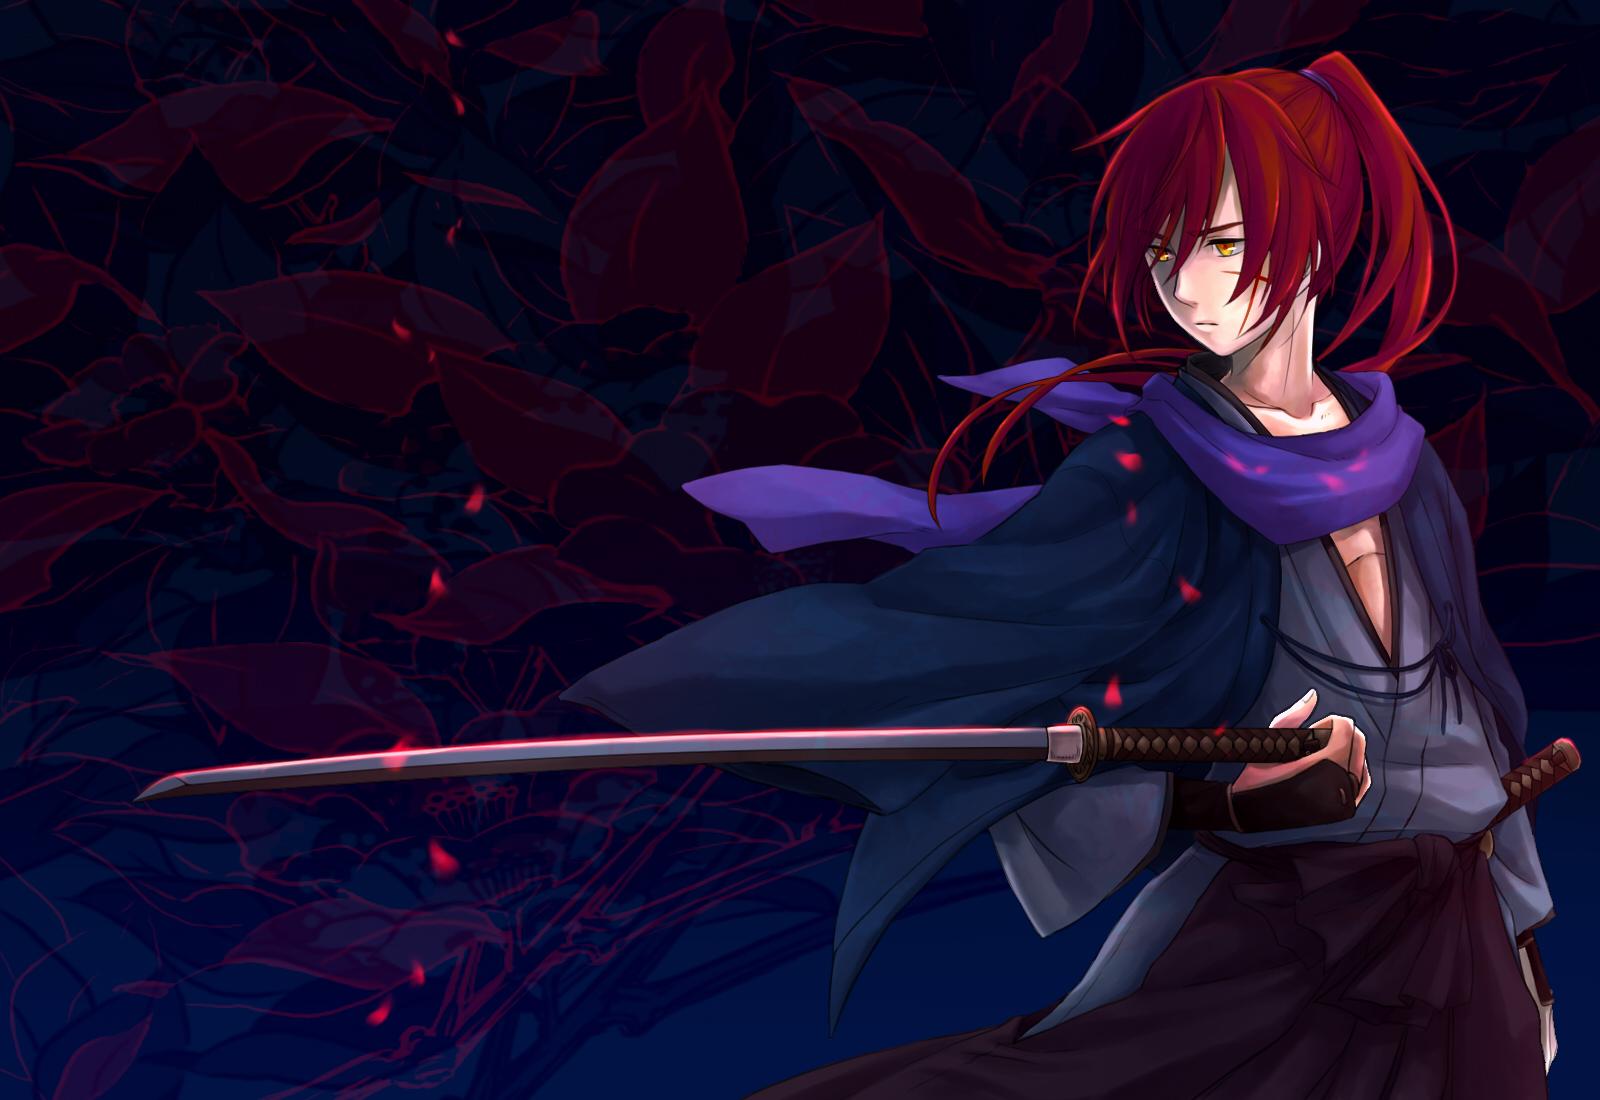 壁紙 るろうに剣心 明治剣客浪漫譚 Himura Kenshin 若者 アニメ